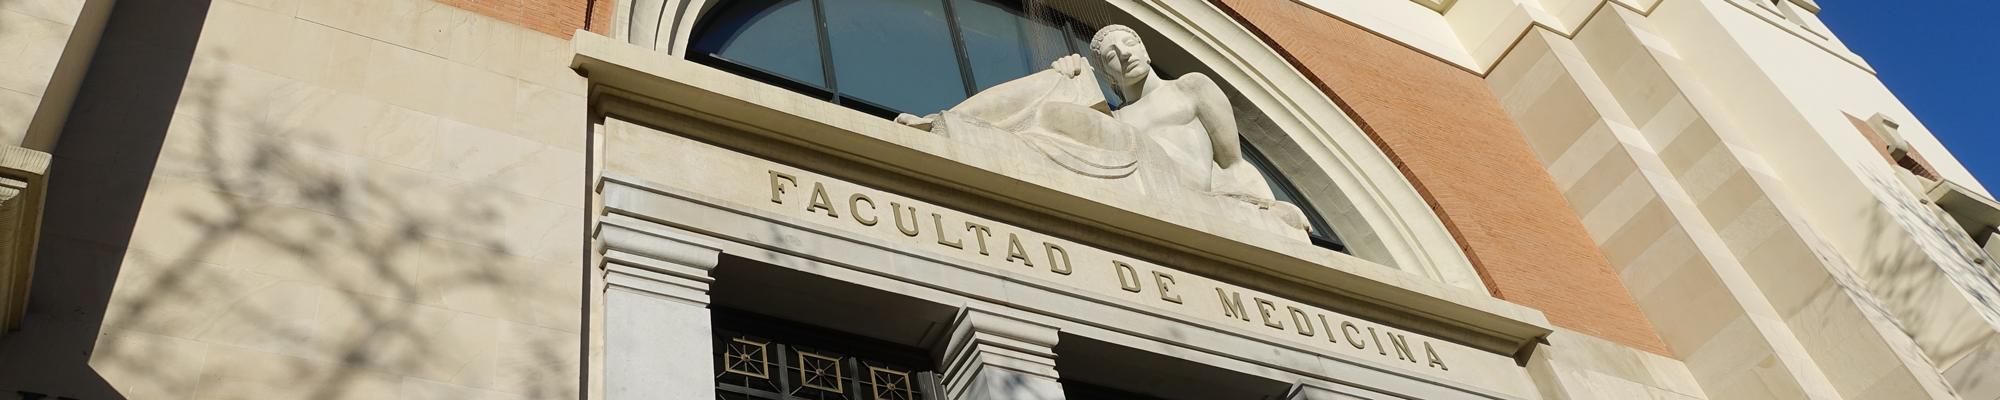 Facultad de Medicina y Odontología Universitat de València